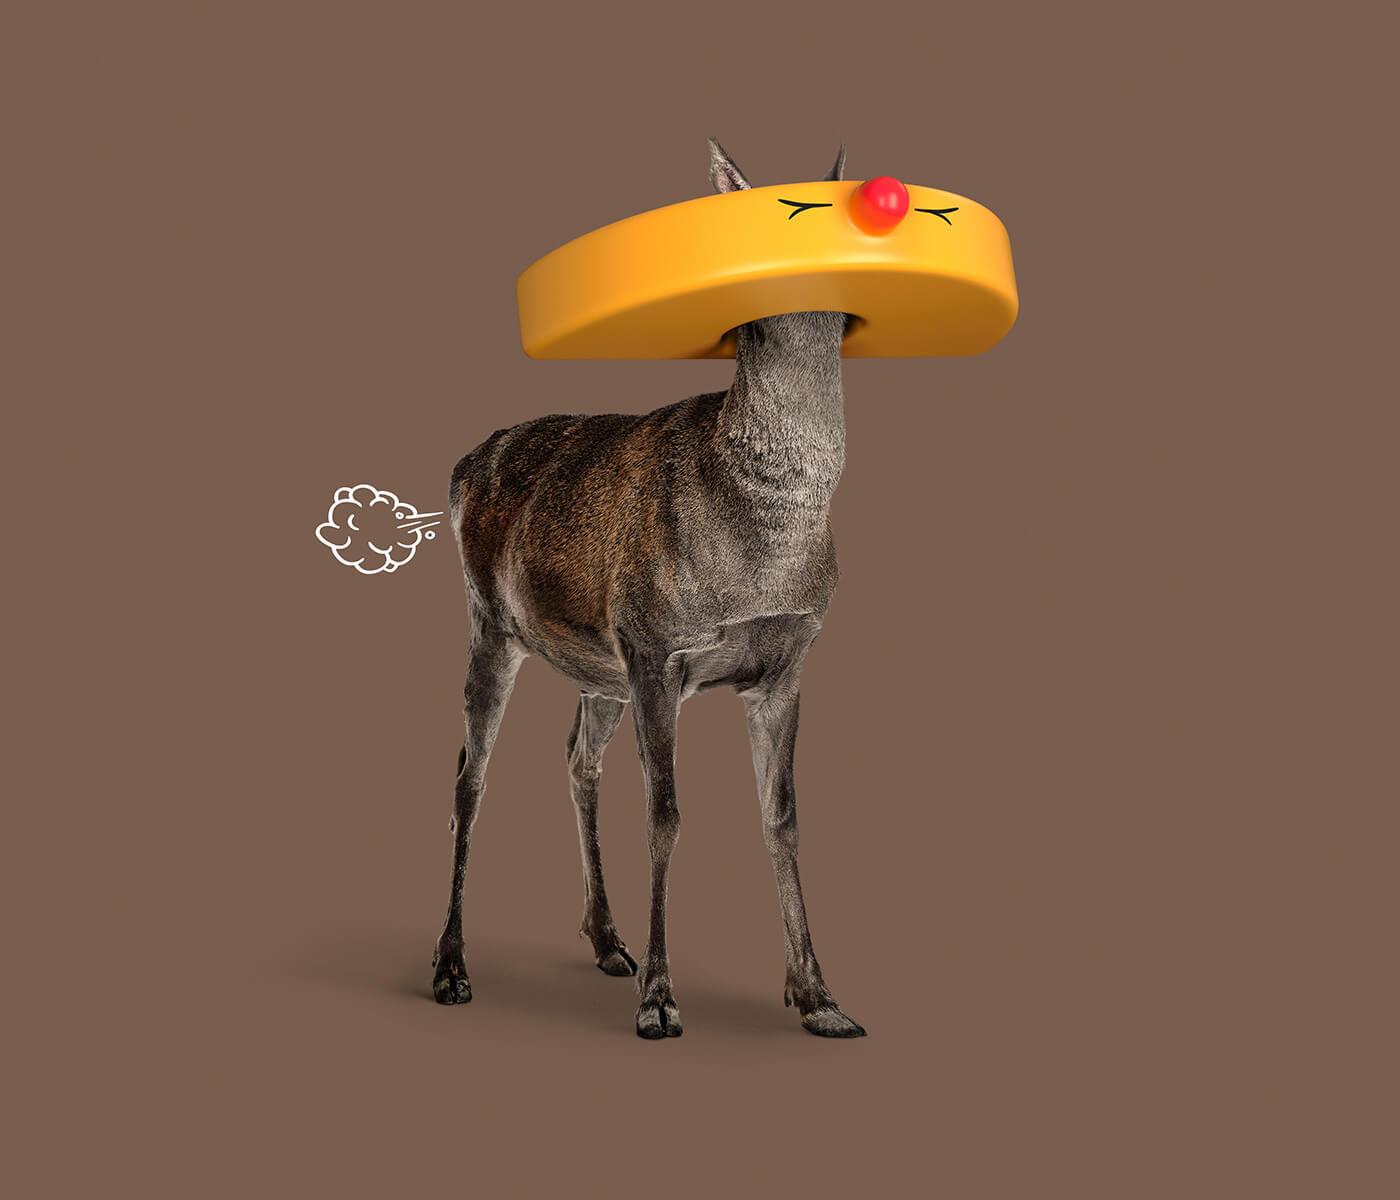 Графический маскарад животных, фото 4